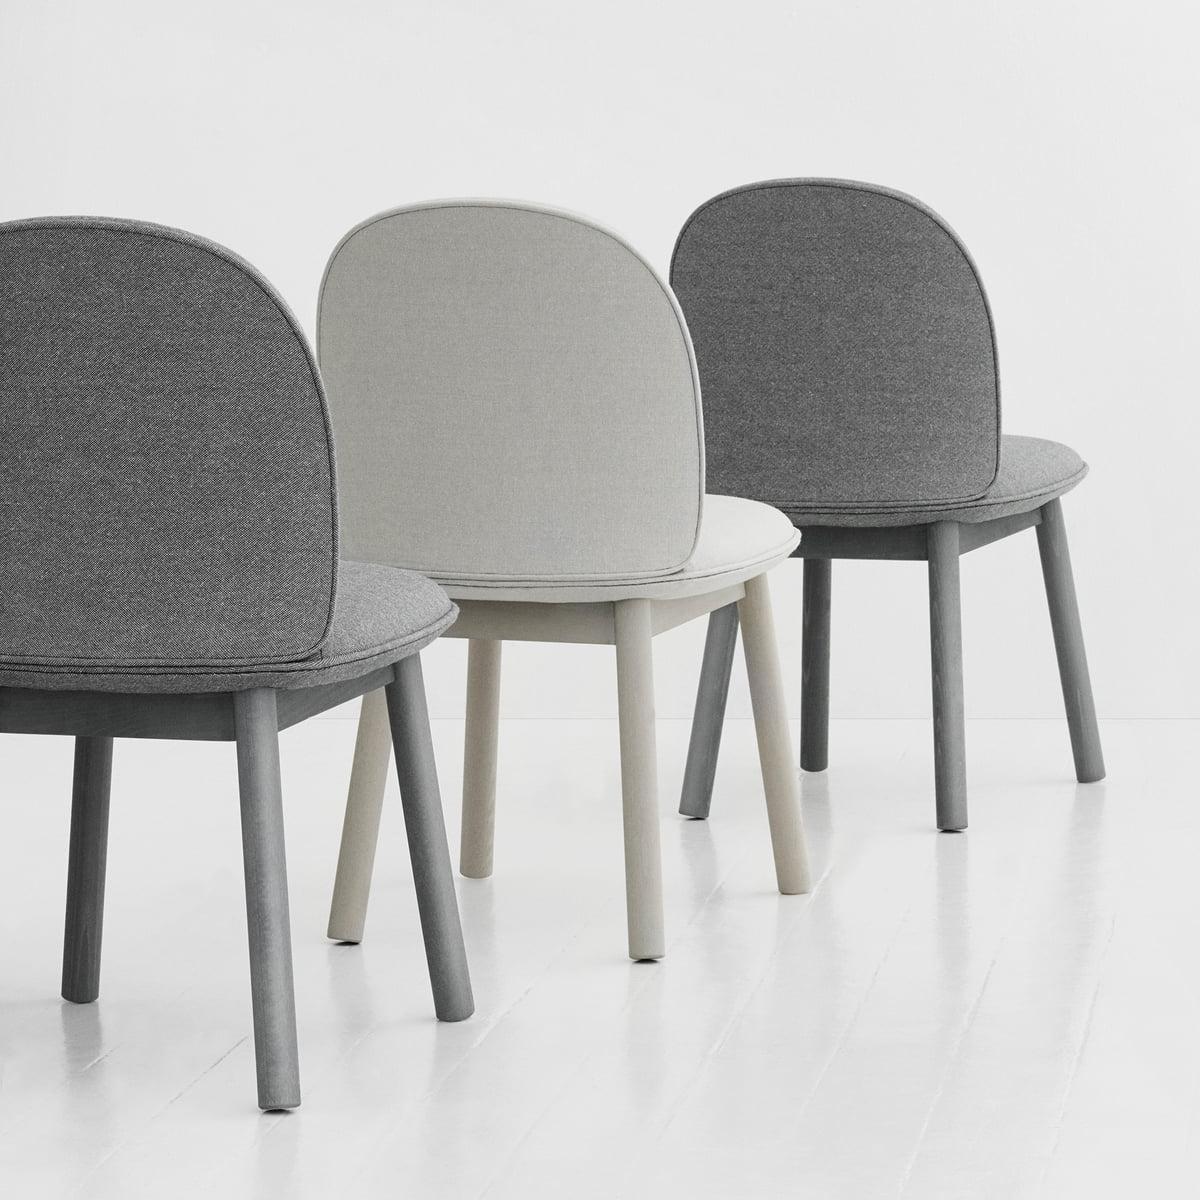 ace chair nist von normann copenhagen kaufen. Black Bedroom Furniture Sets. Home Design Ideas